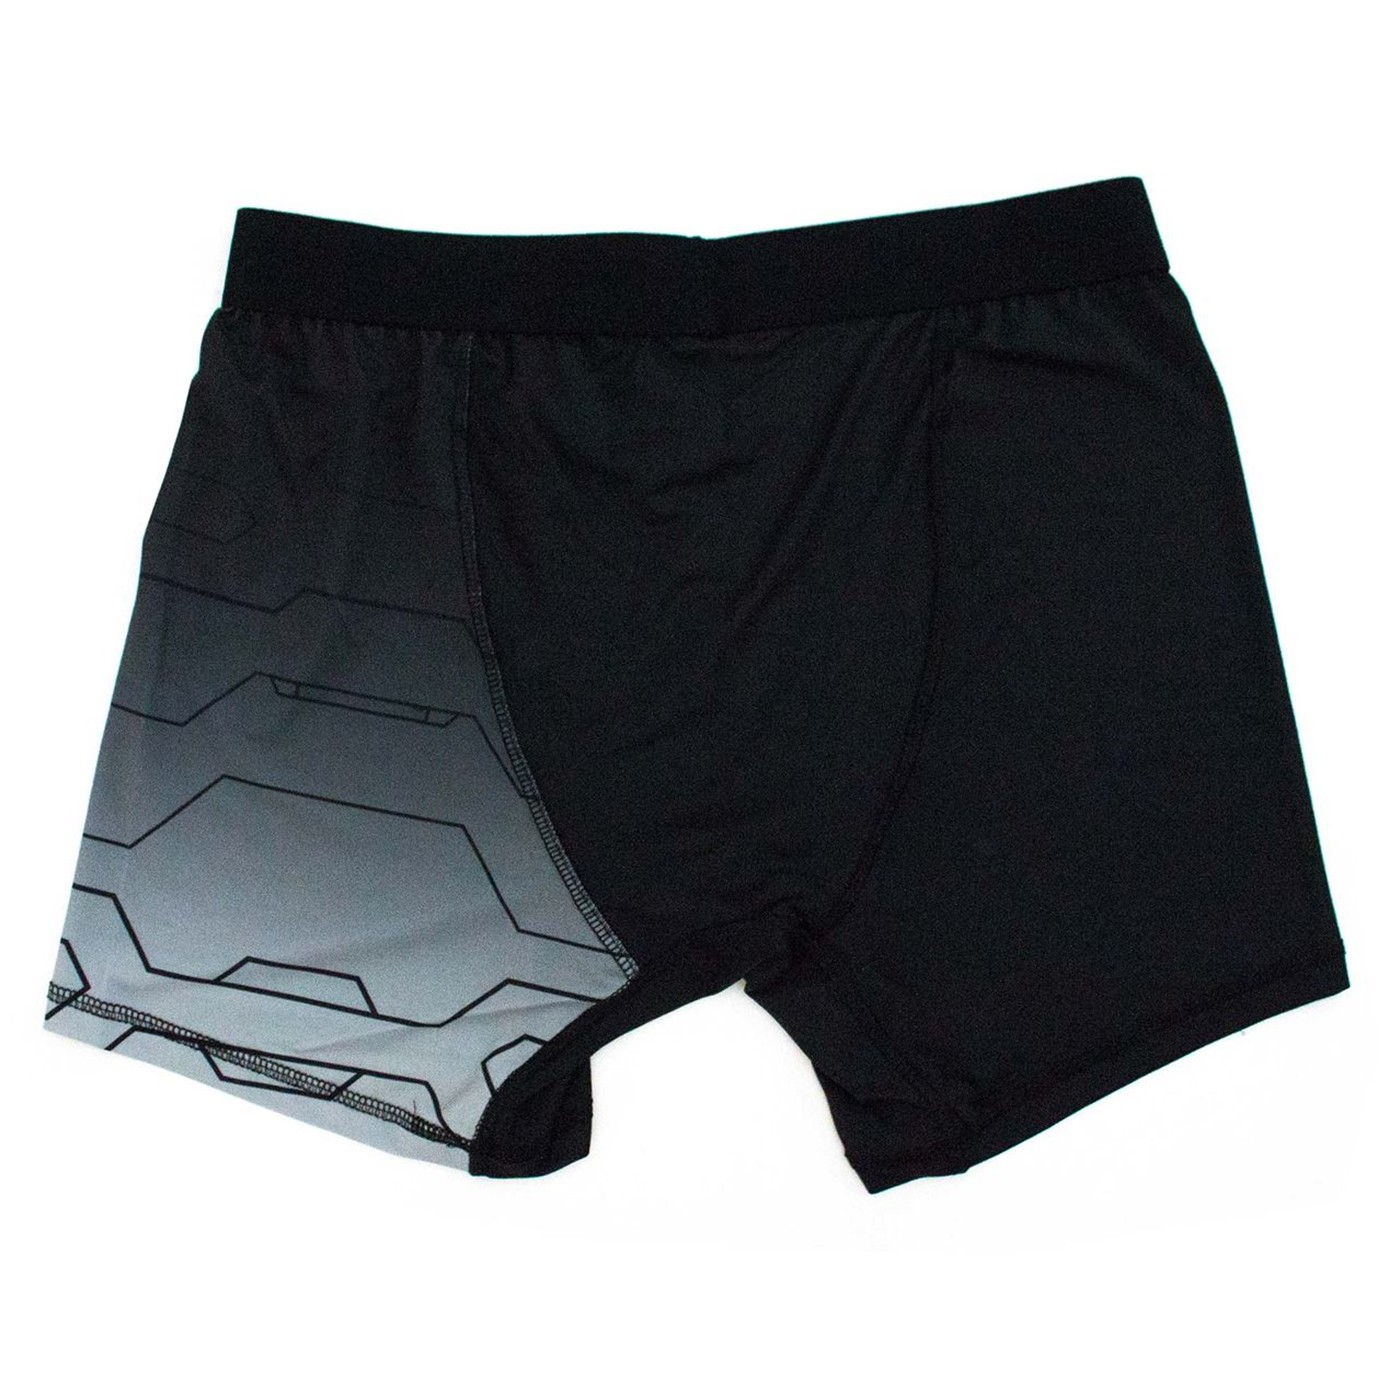 Winter Soldier Armor Men's Underwear Boxer Briefs